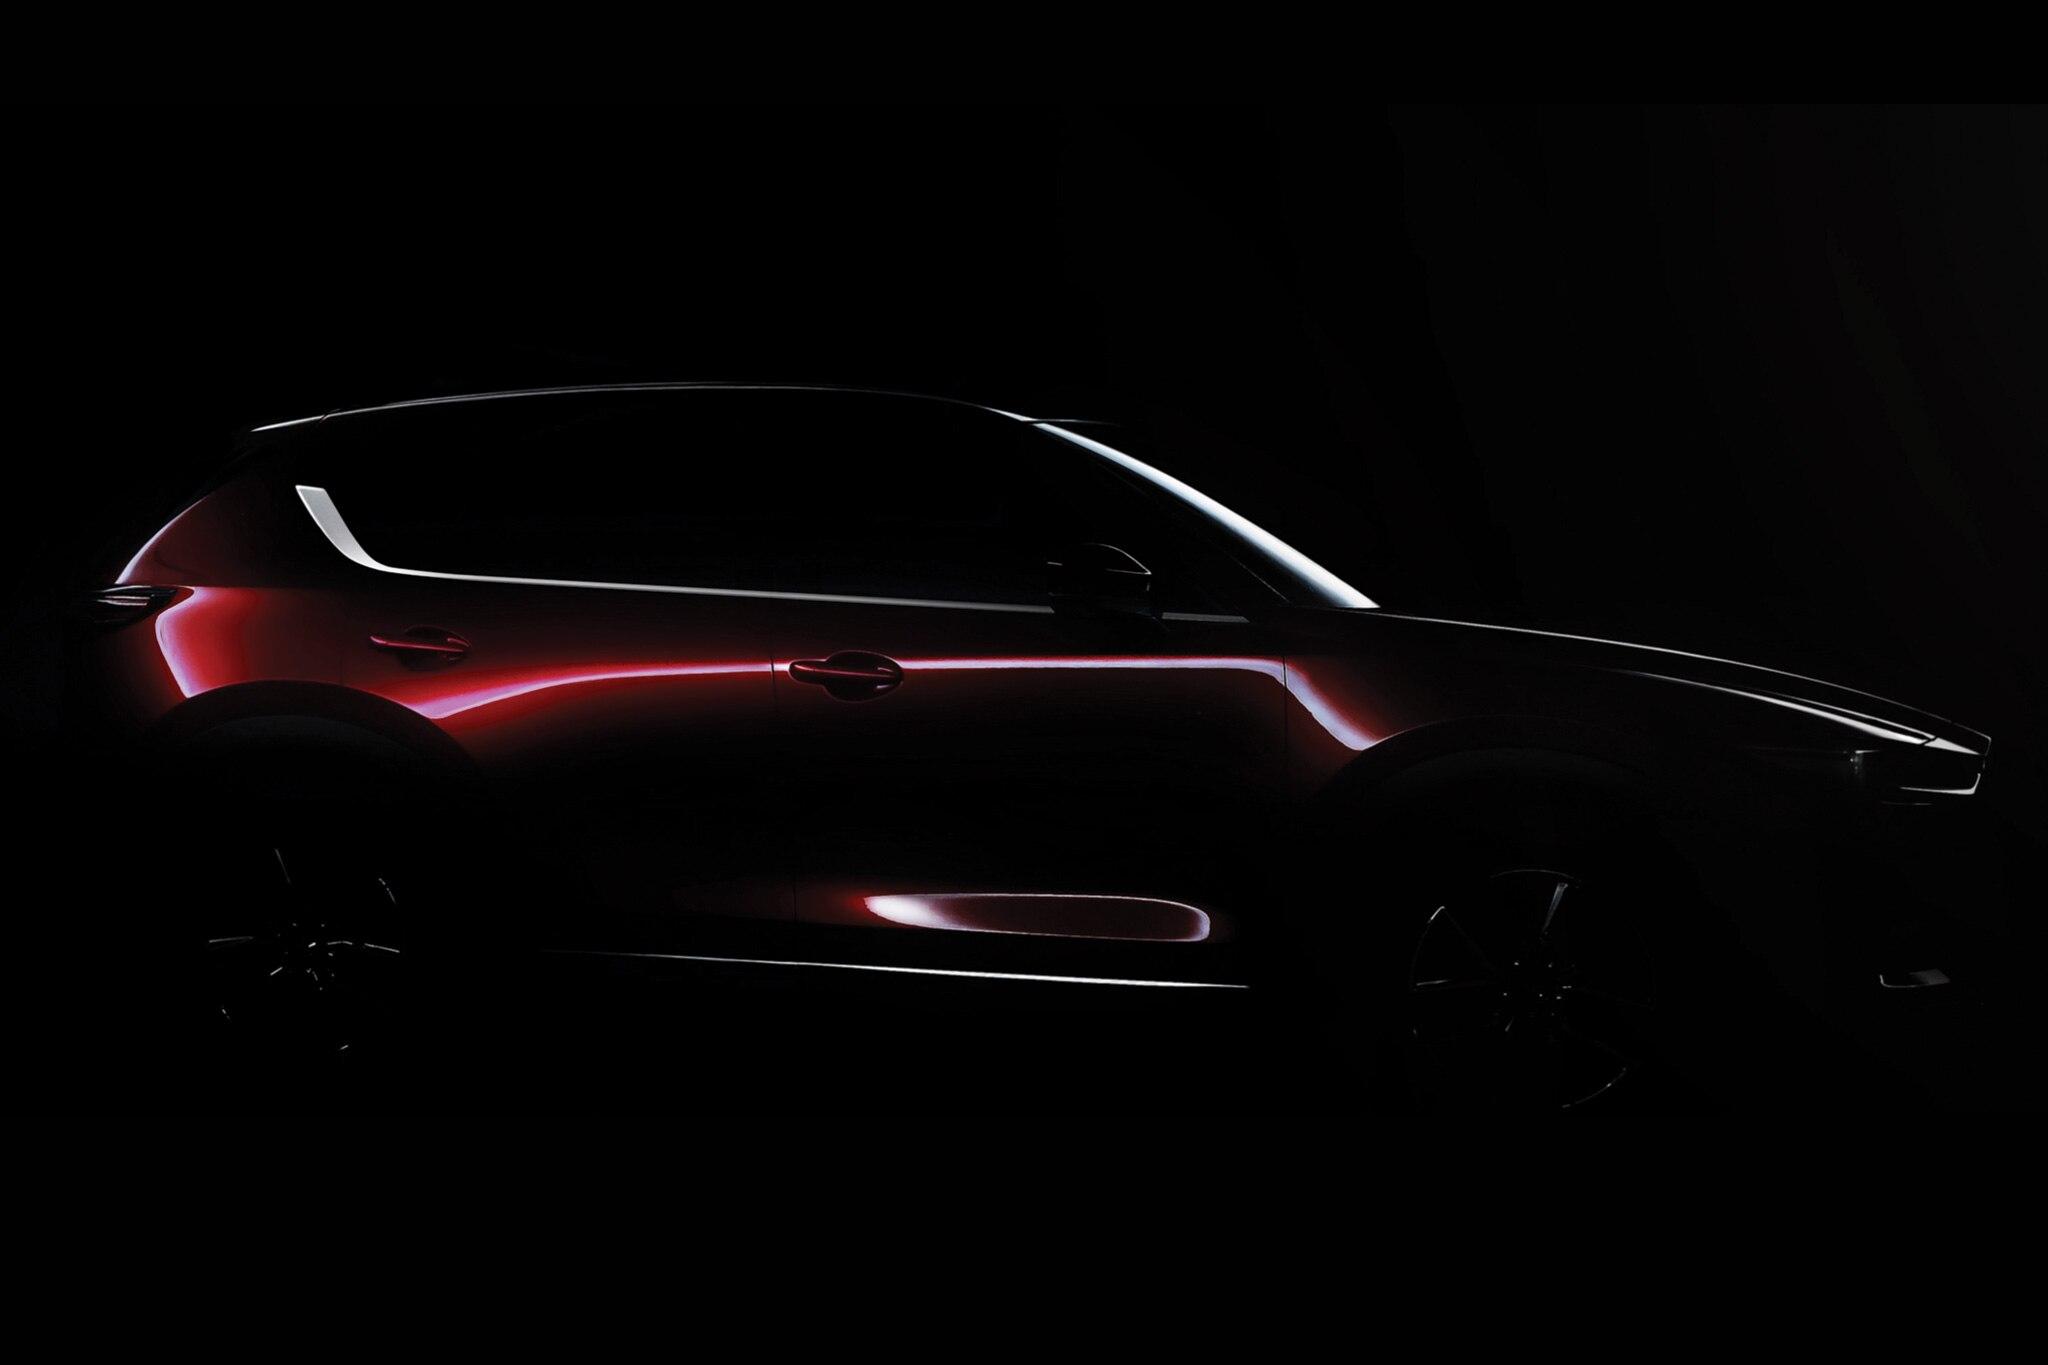 2017 Mazda CX 5 Teaser